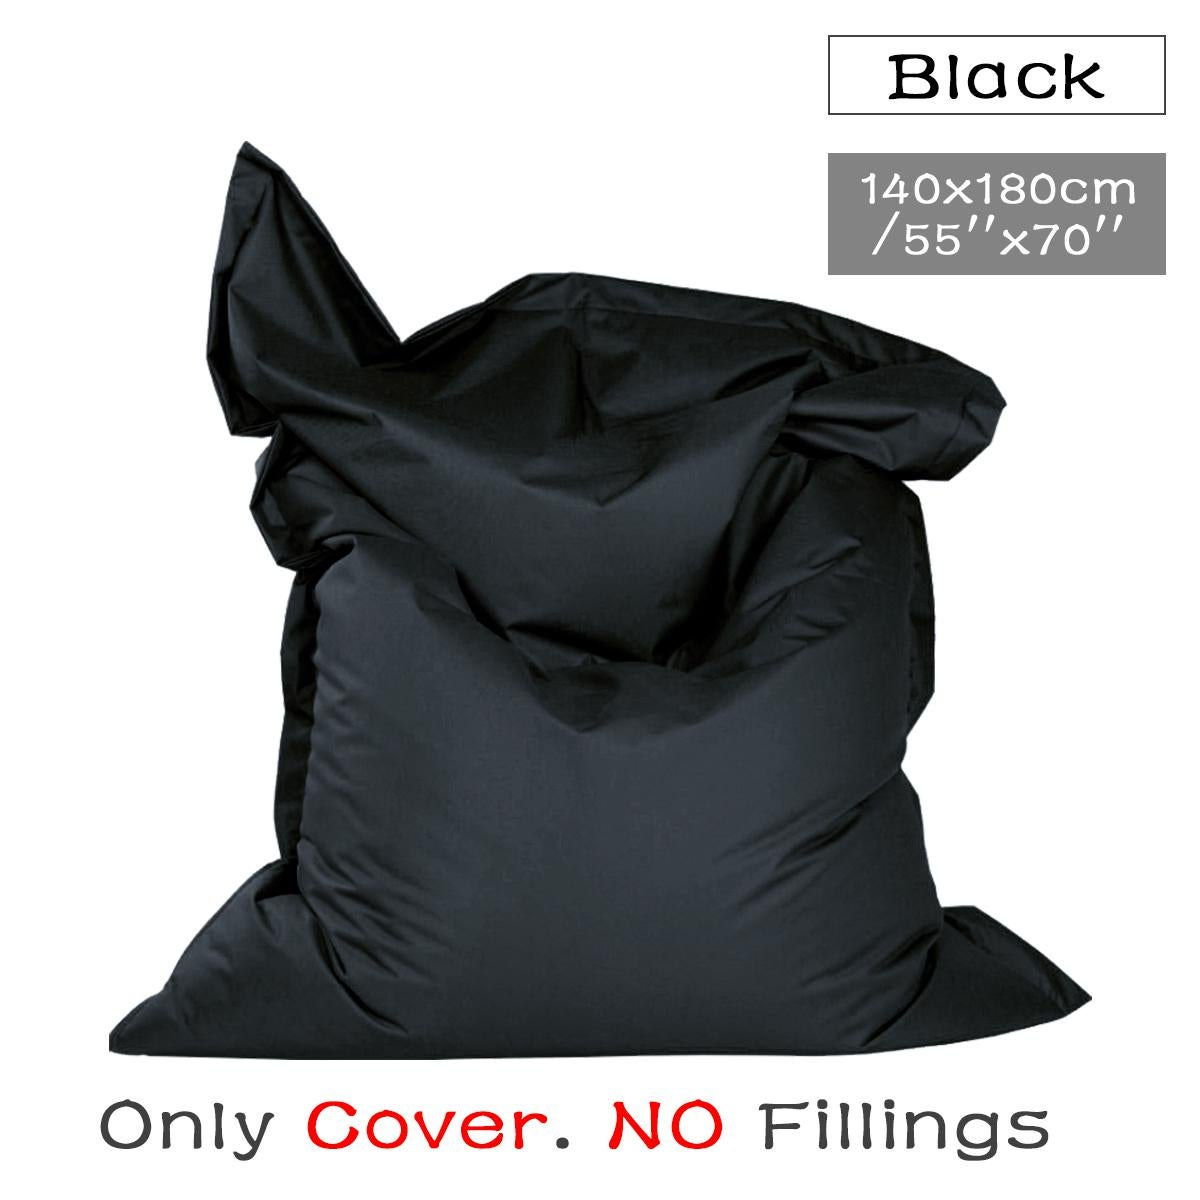 giant bean bag floor cushion indoor outdoor waterproof garden beanbag black only cover